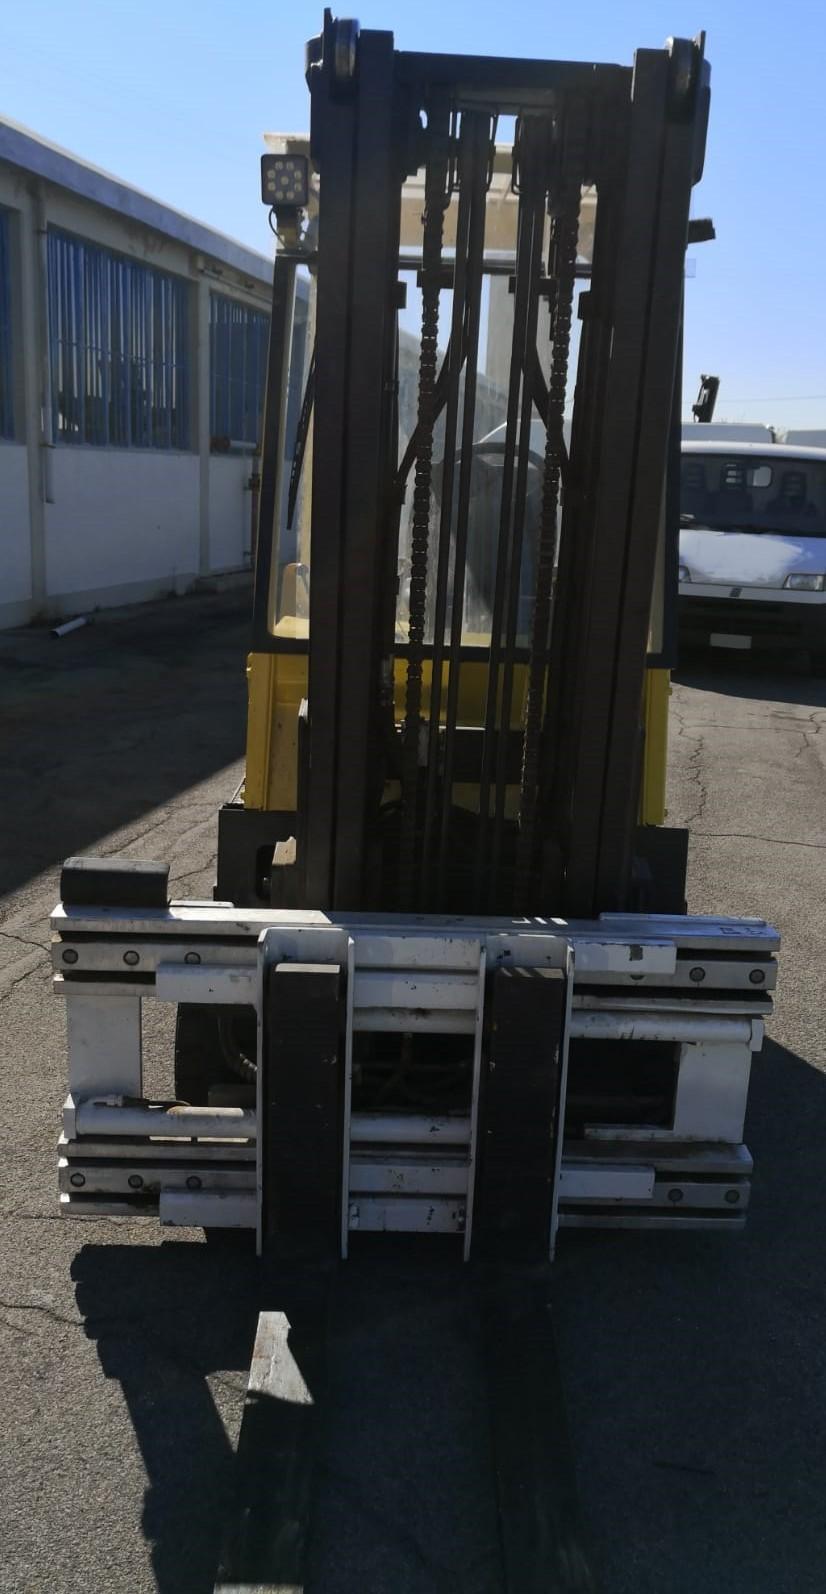 Carrello elevatore elettrico Hyster mod E 4.00 xl in vendita - foto 3